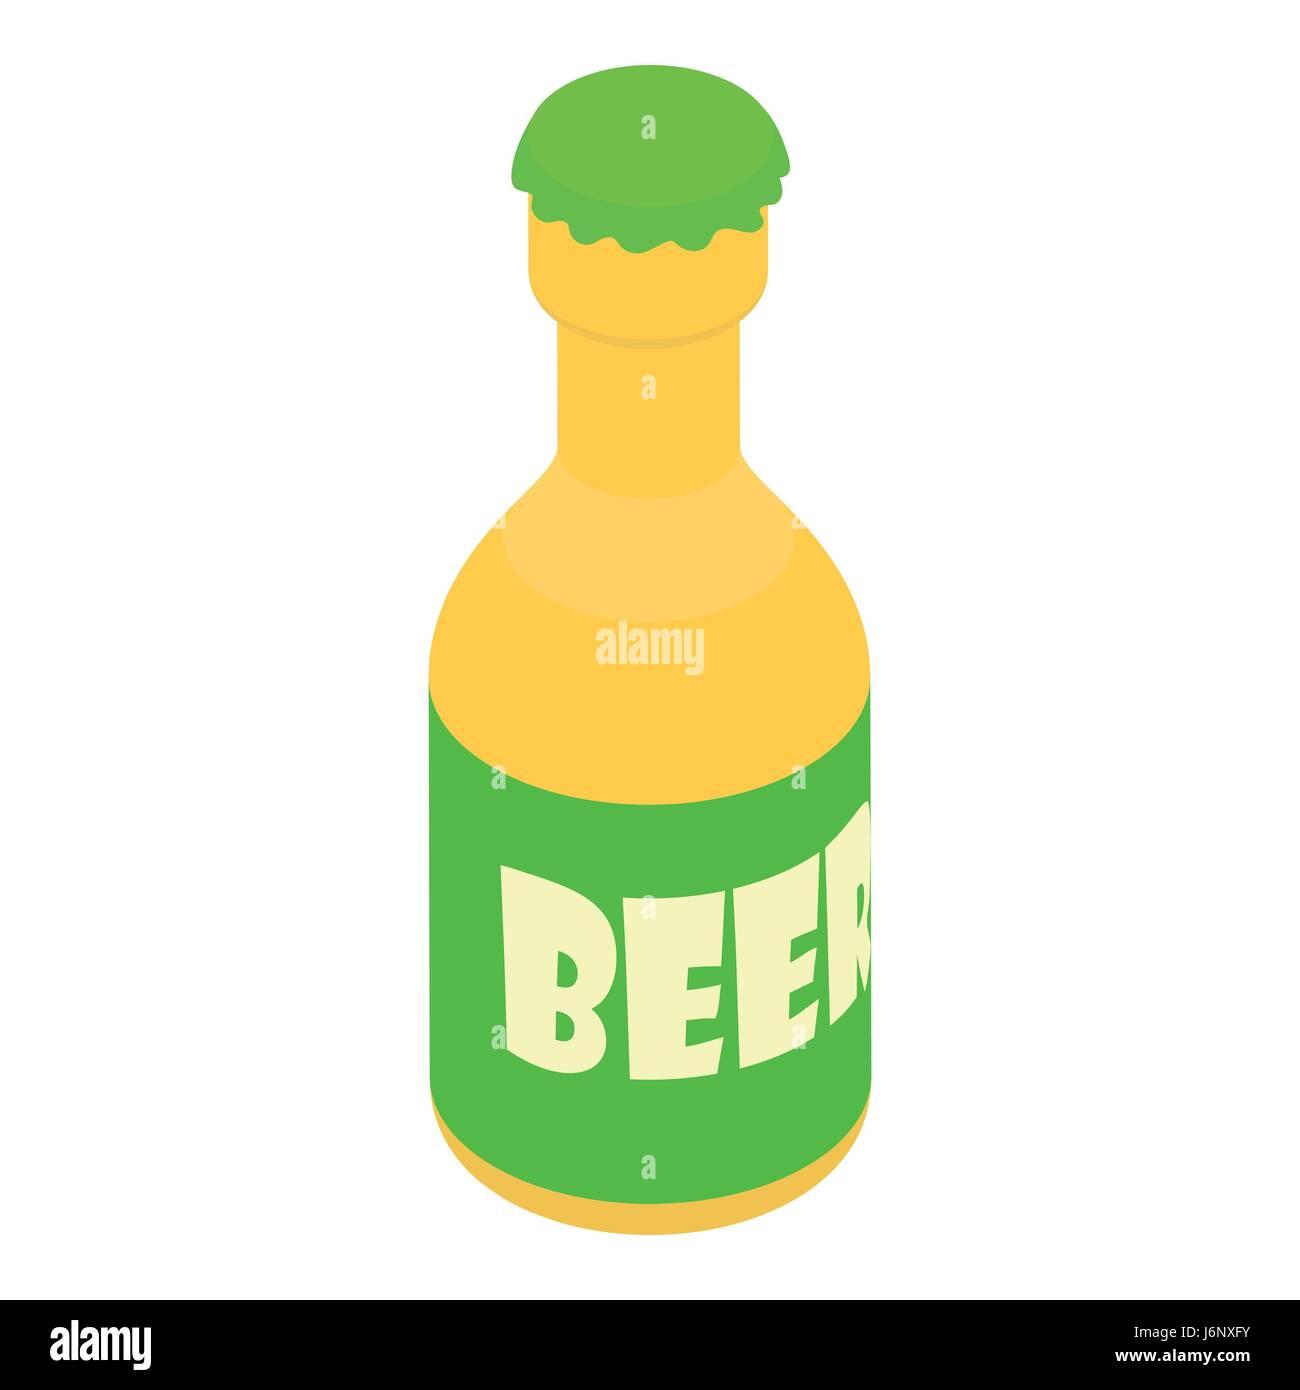 cartoon beer bottle stock photos cartoon beer bottle stock images